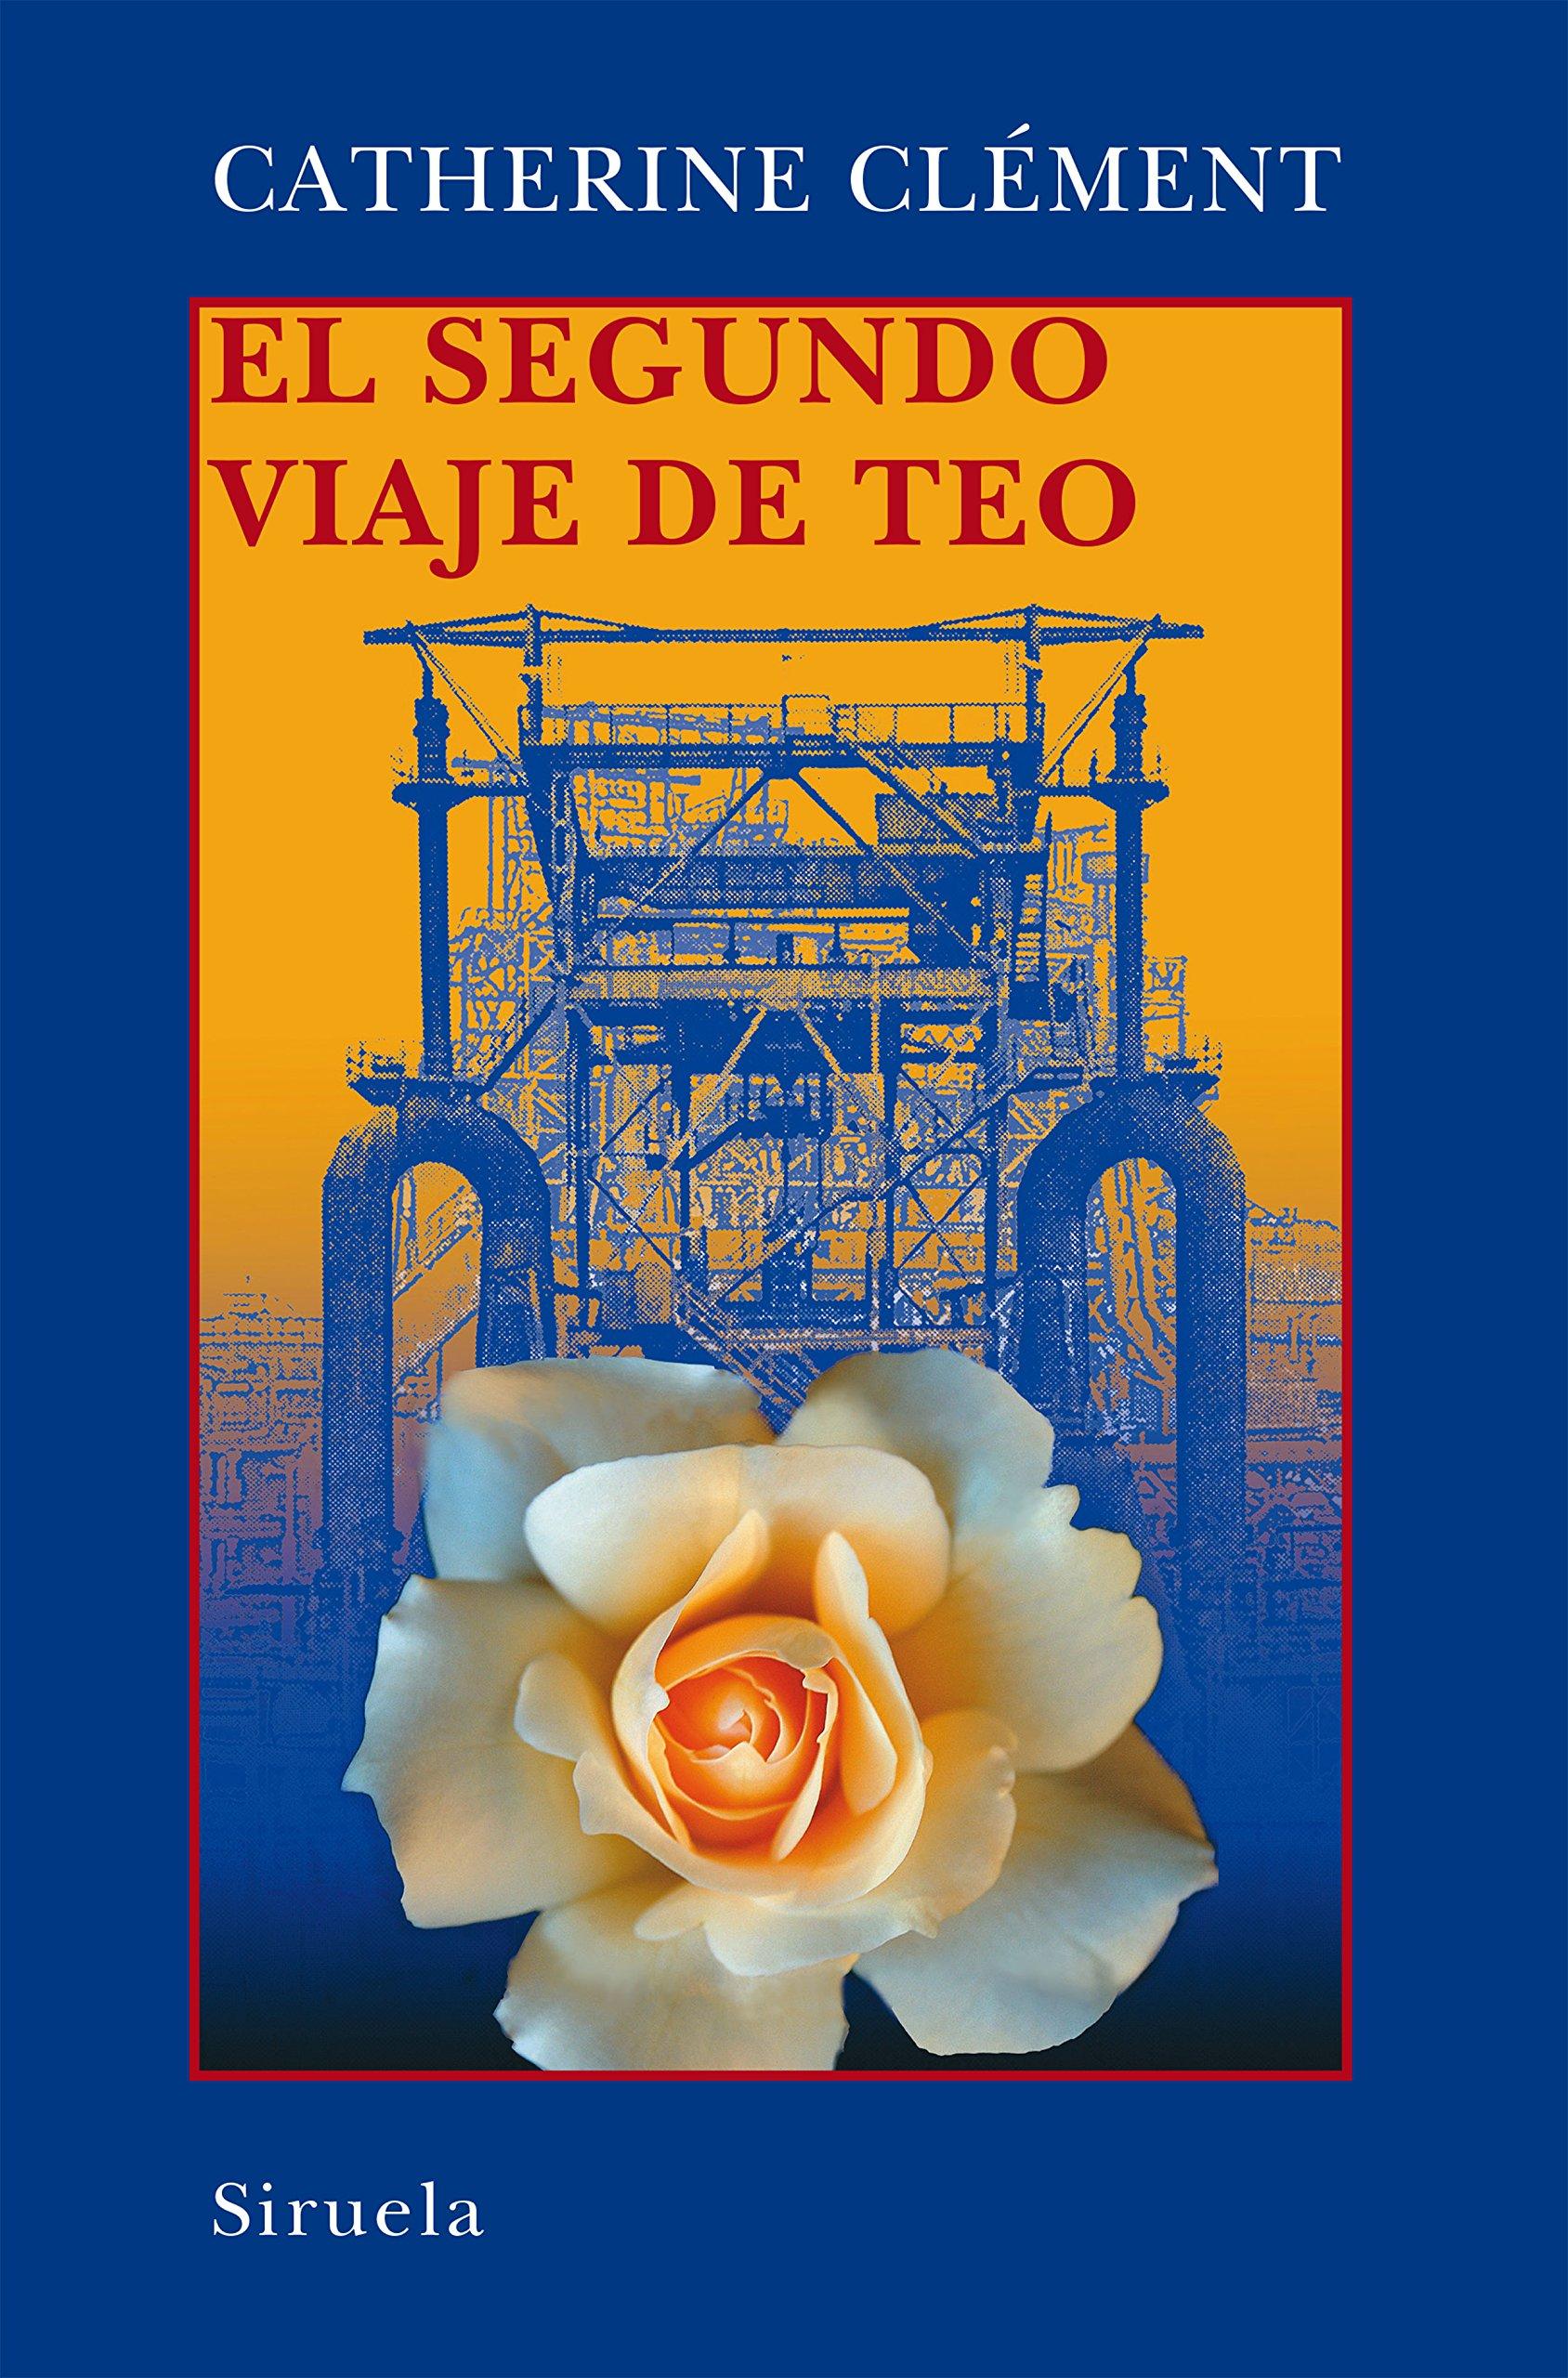 El segundo viaje de Teo: 134 (Las Tres Edades): Amazon.es: Clément, Catherine, Suárez Girard, Anne-Hélène: Libros